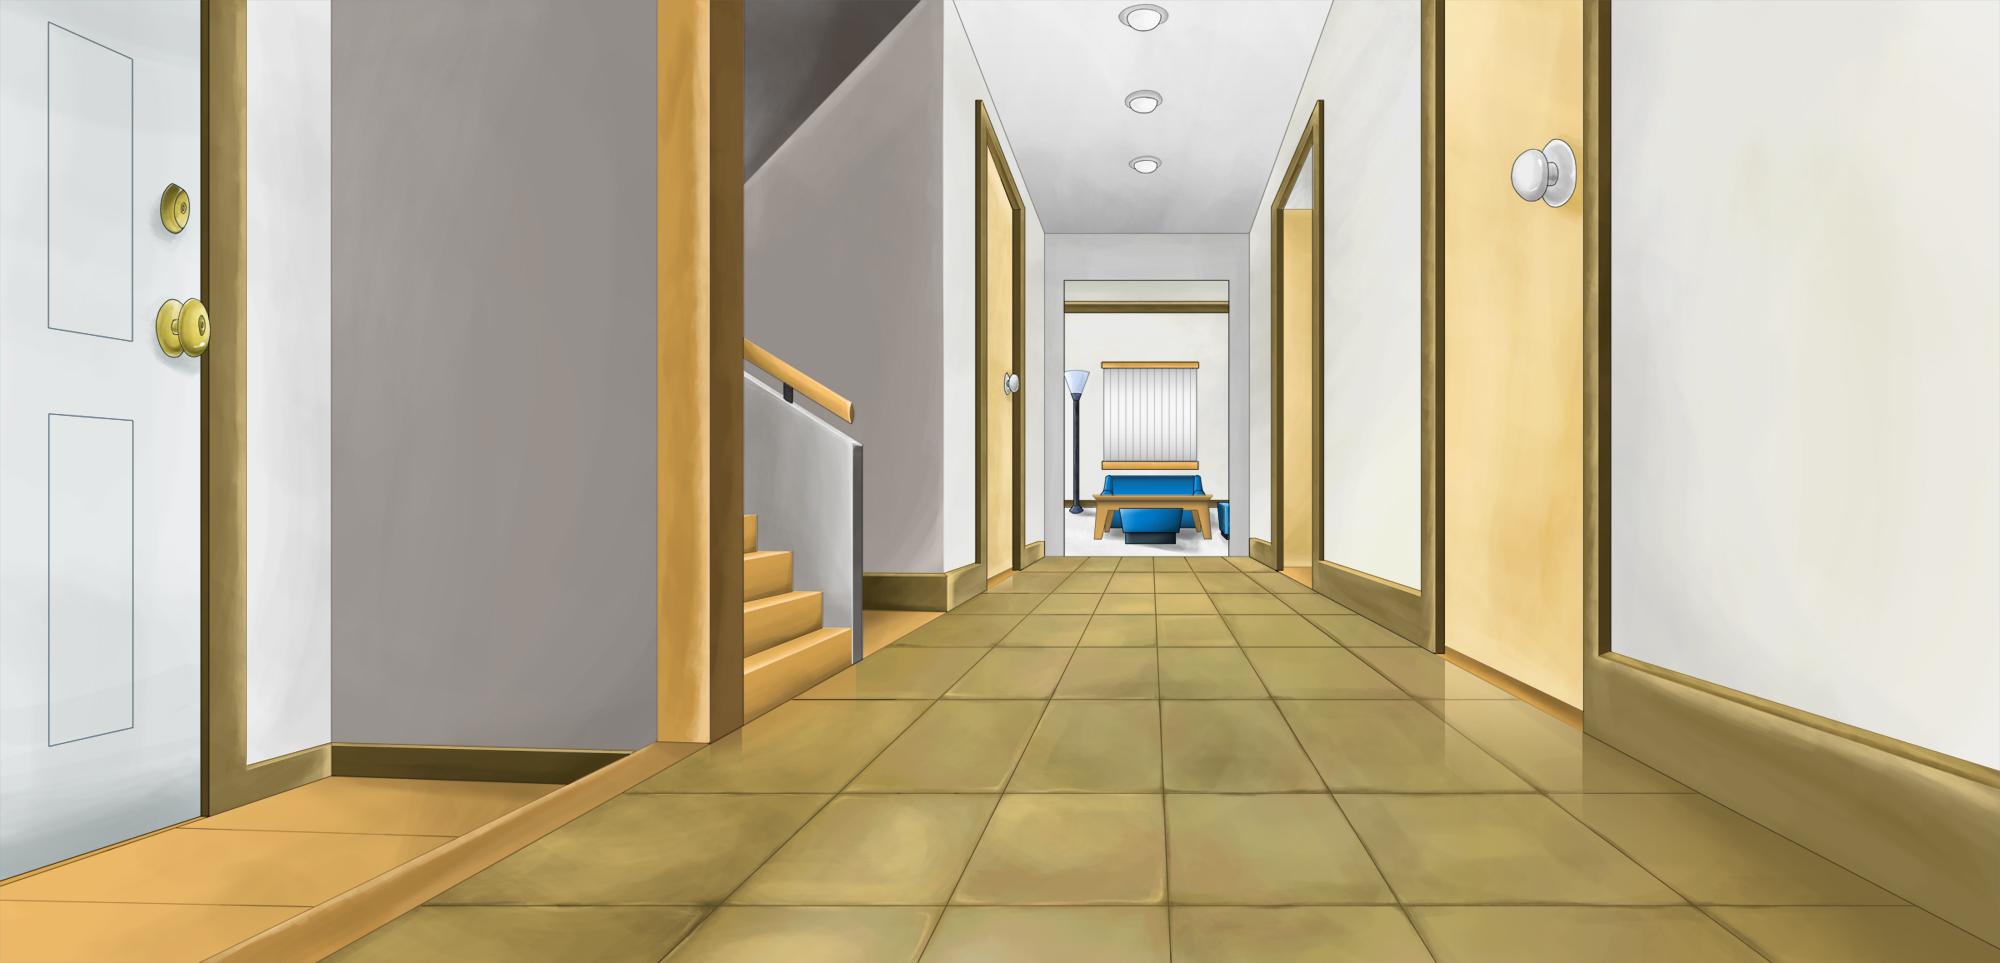 Uchiha Palata - Page 3 Hallway1